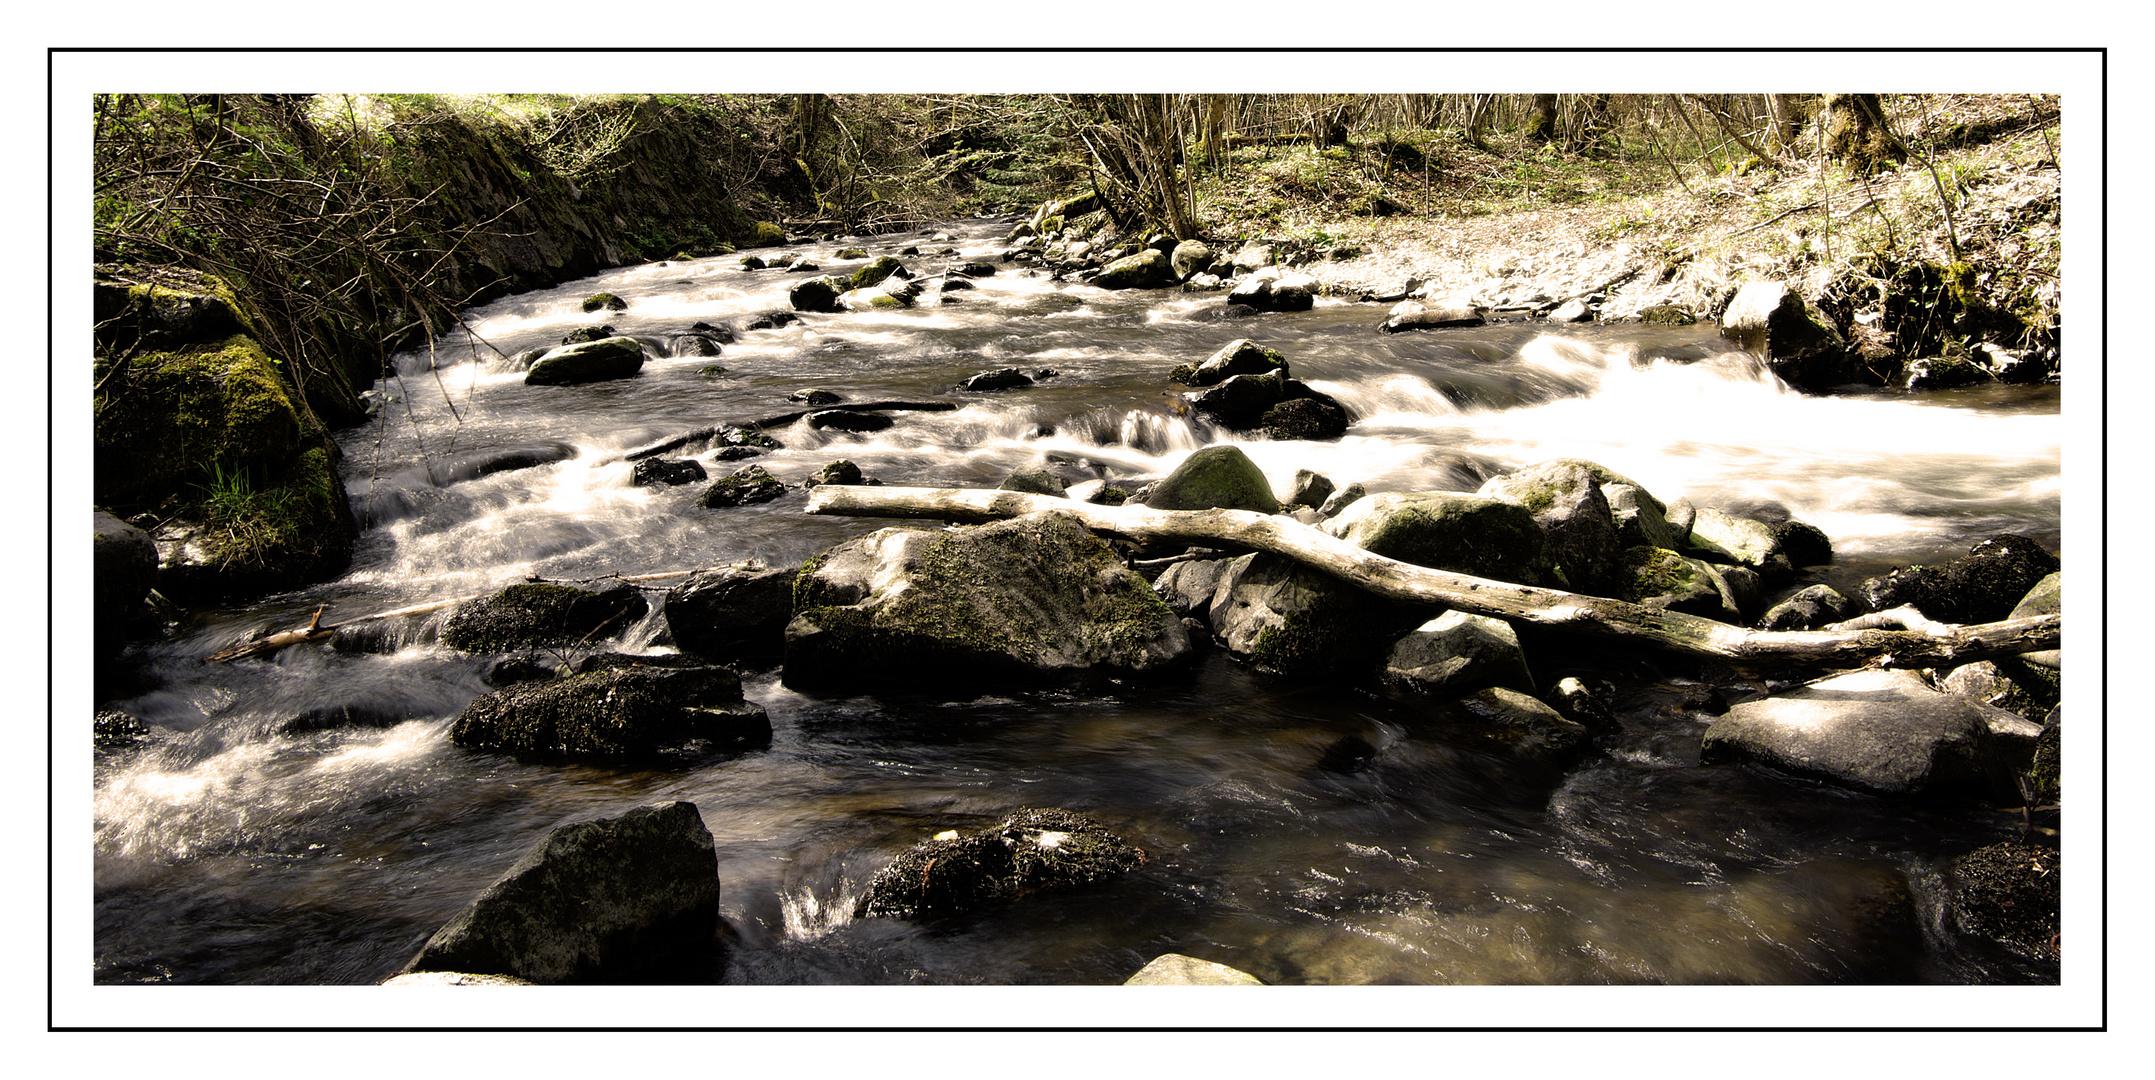 la vie n'est pas un long fleuve tranquille